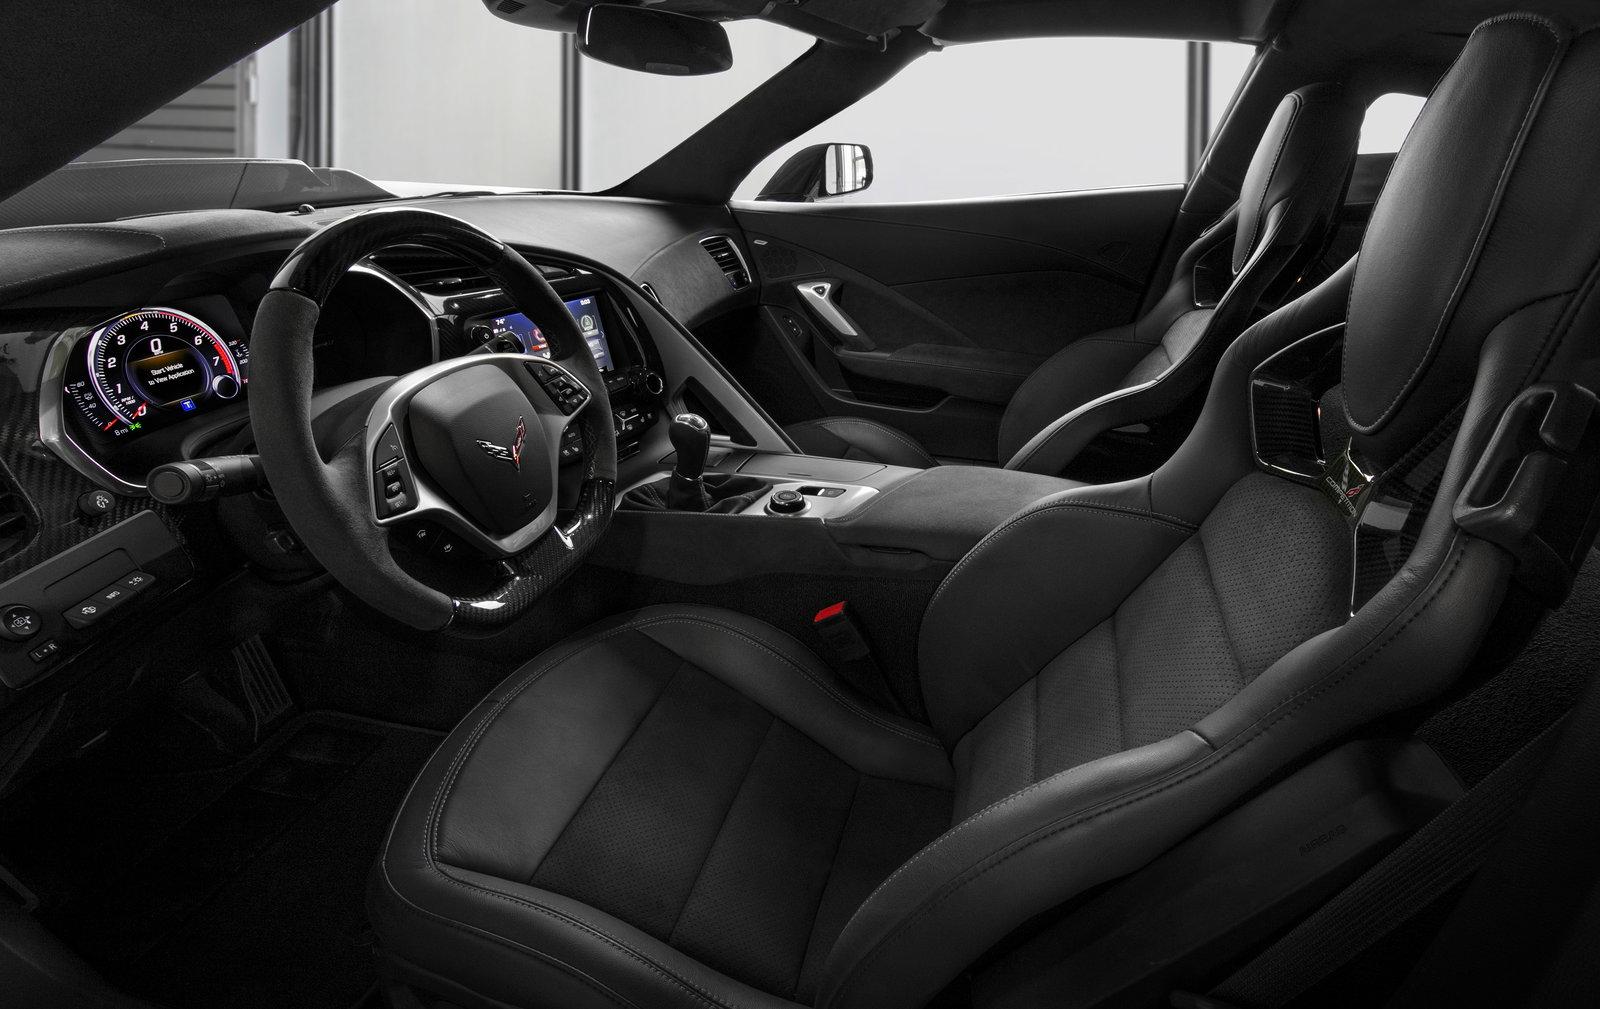 2020 Chevrolet Corvette Redesign Info Release Date